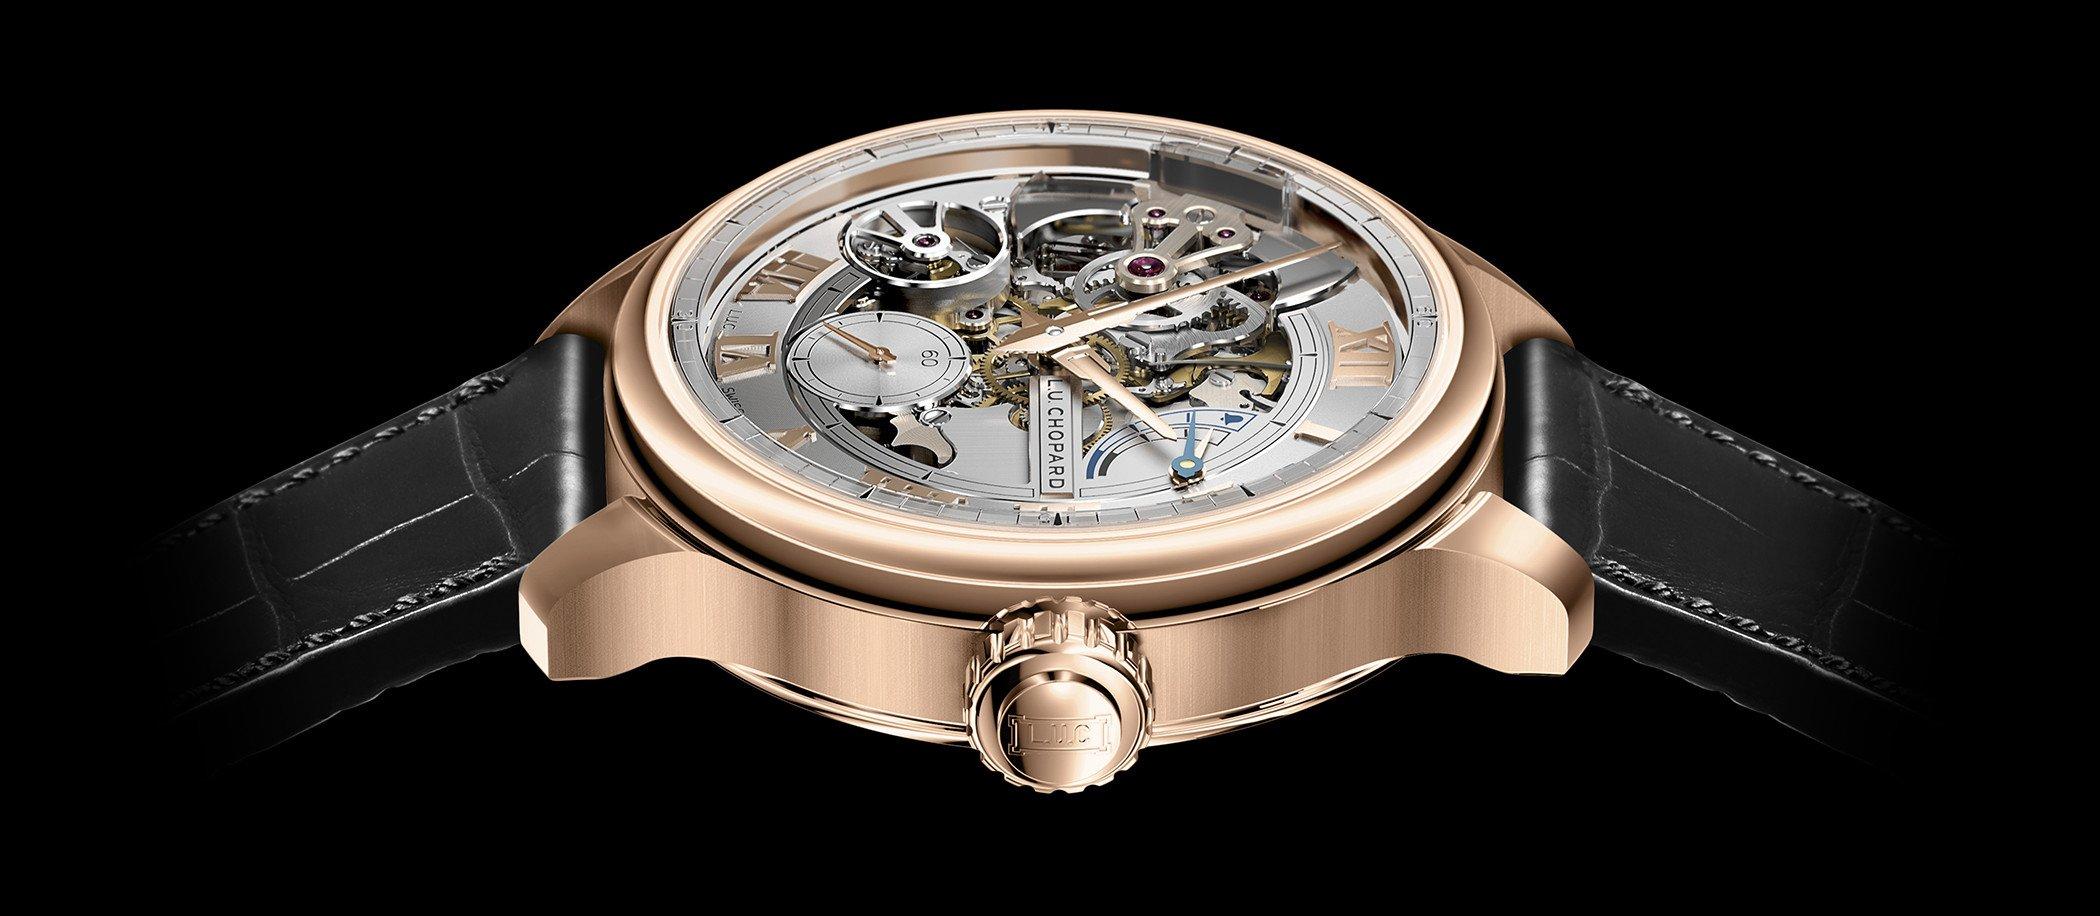 Grand Prix d'Horlogerie de Geneve 2017